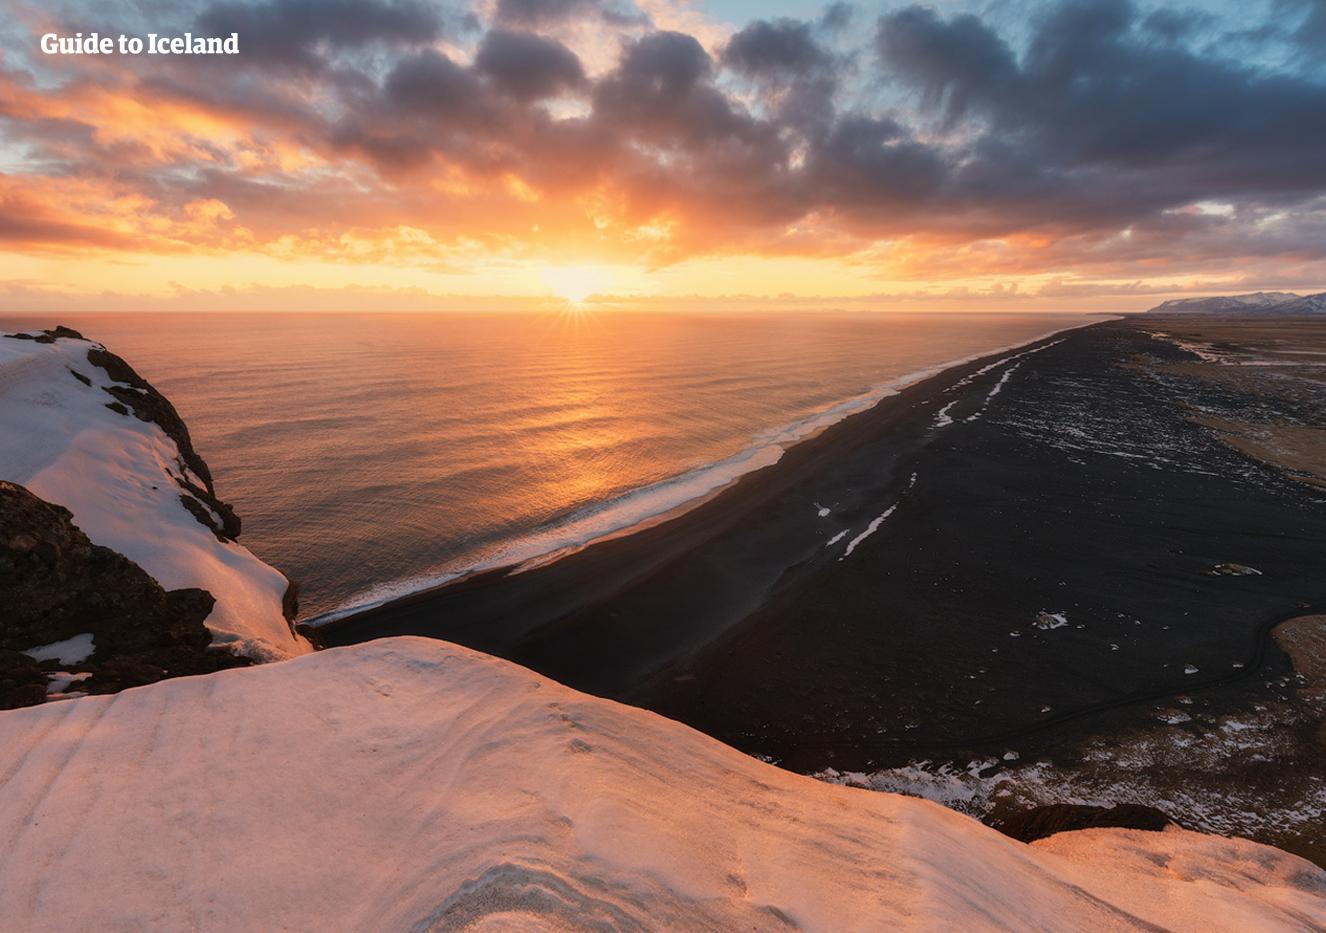 在冬季时可以在冰岛南岸雷尼斯黑沙滩(Reynisfjara)上找到各种各样的迷人色彩